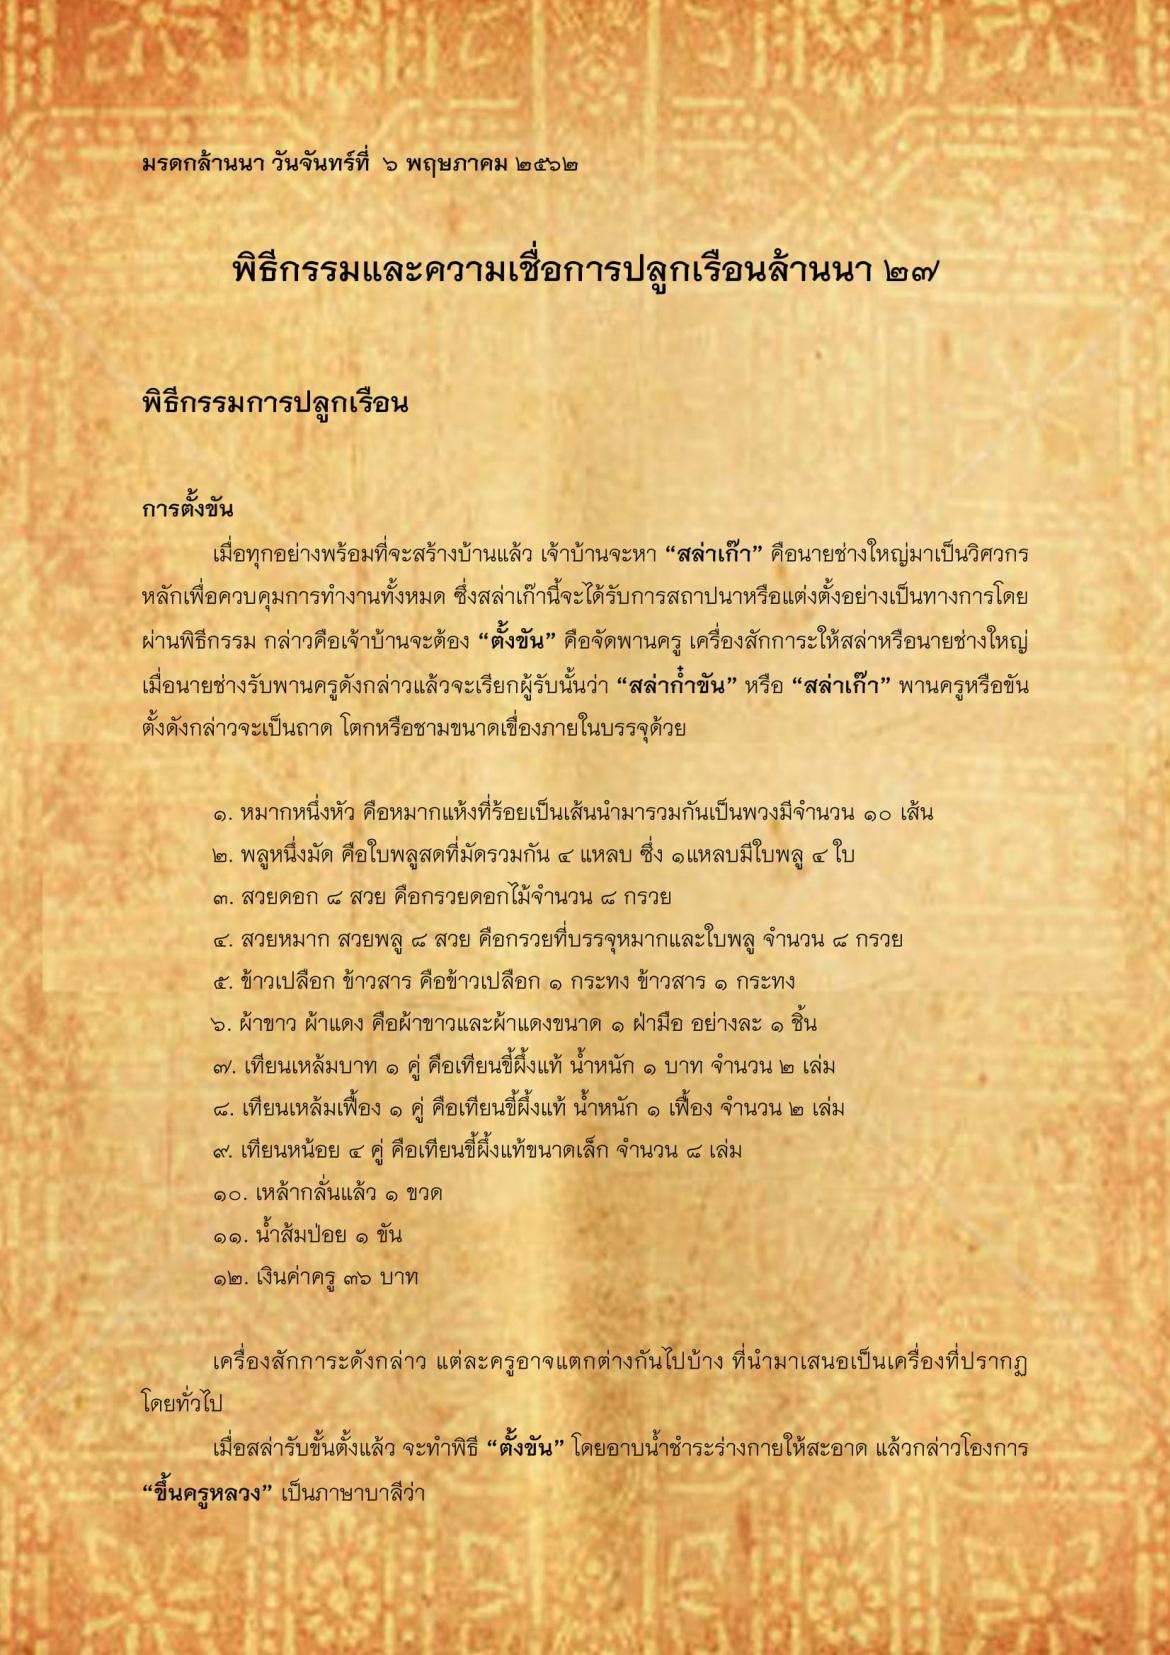 พิธีกรรมเเละความเชื่อการปลูกเรือนล้านนา(27) - 6 พฤษภาคม 2561